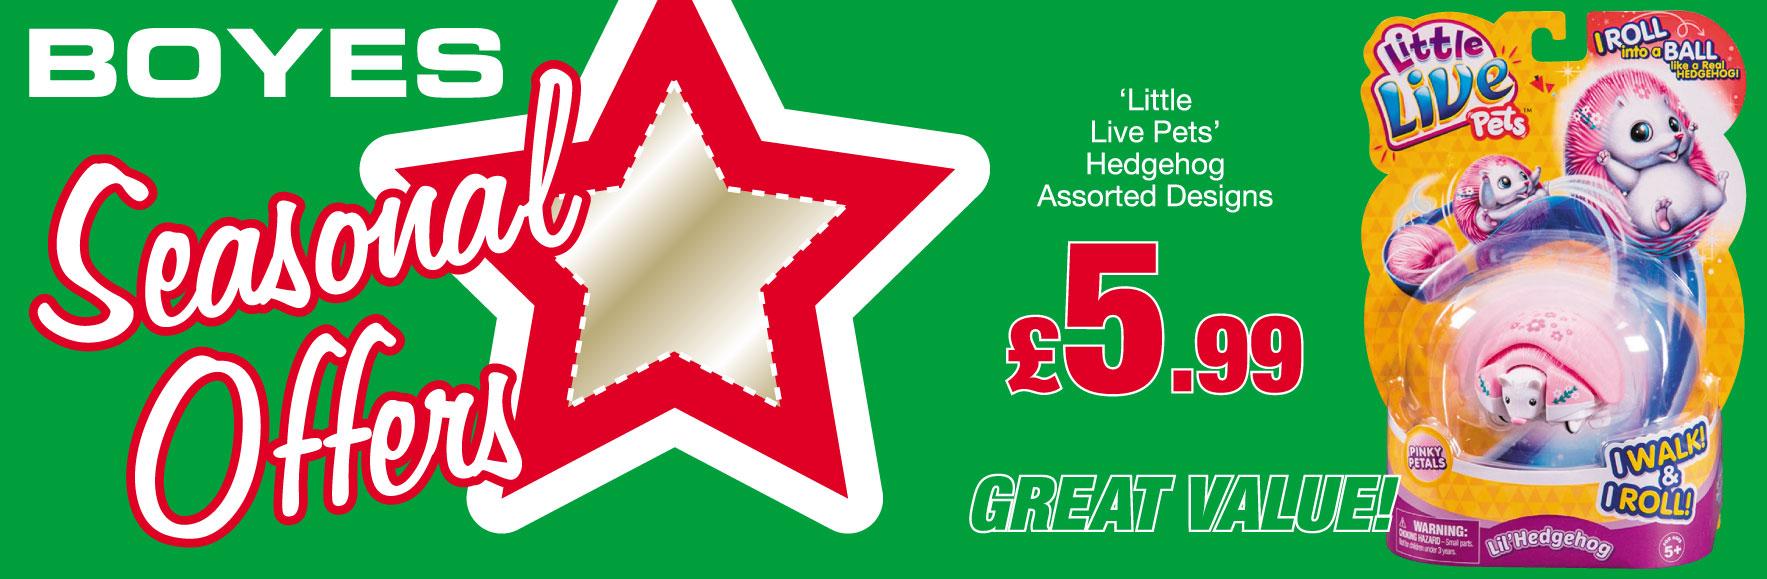 'Little Live Pets'. Hedgehog. Assorted Designs. ONLY £5.99